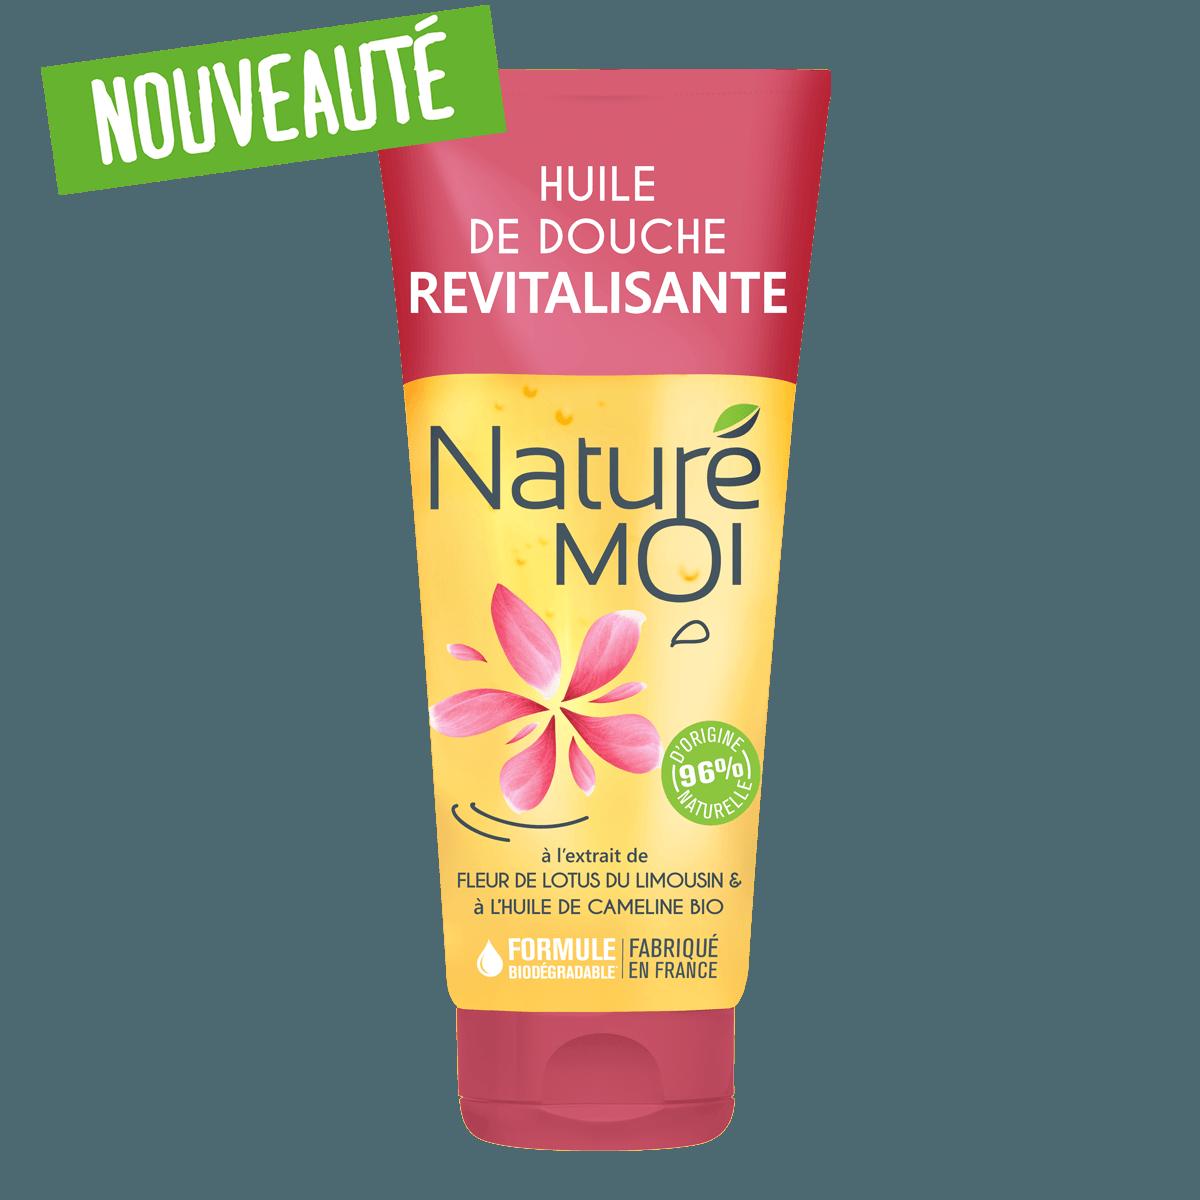 Huile de Douche Revitalisante à la fleur de Lotus du Limousin et à l'huile de Cameline BIO